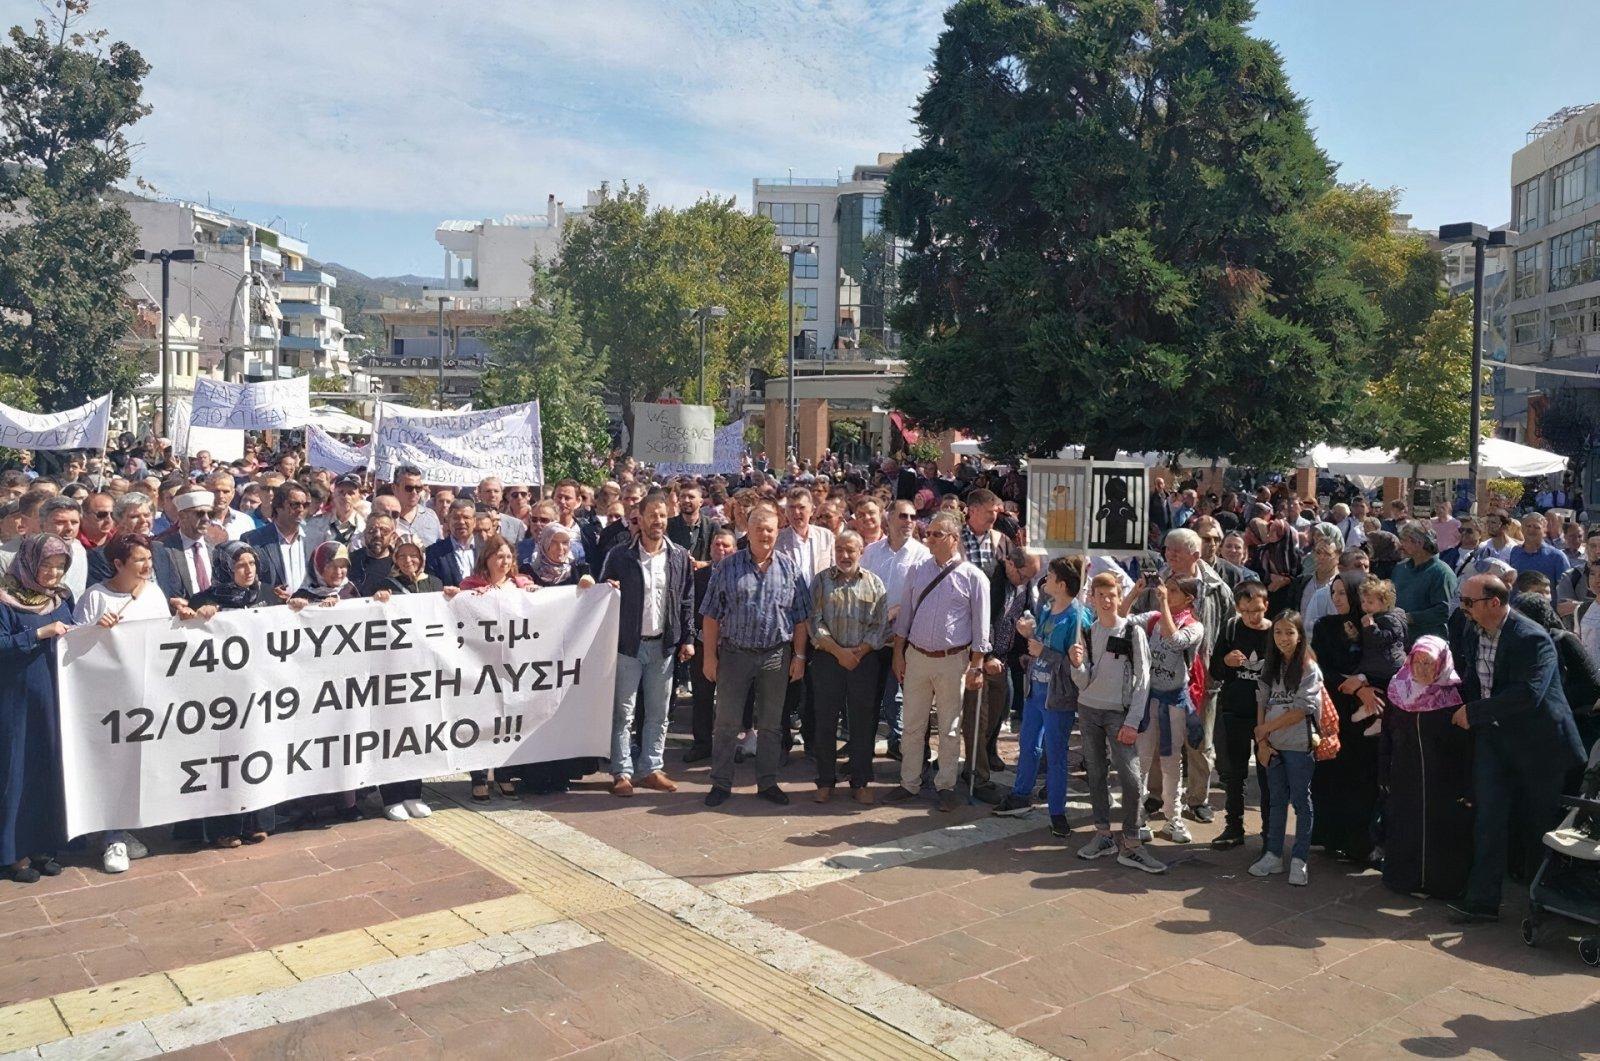 Η Ελλάδα αρνείται την τουρκική ταυτότητα στη Δυτική Θράκη, παραβιάζει το διεθνές δίκαιο